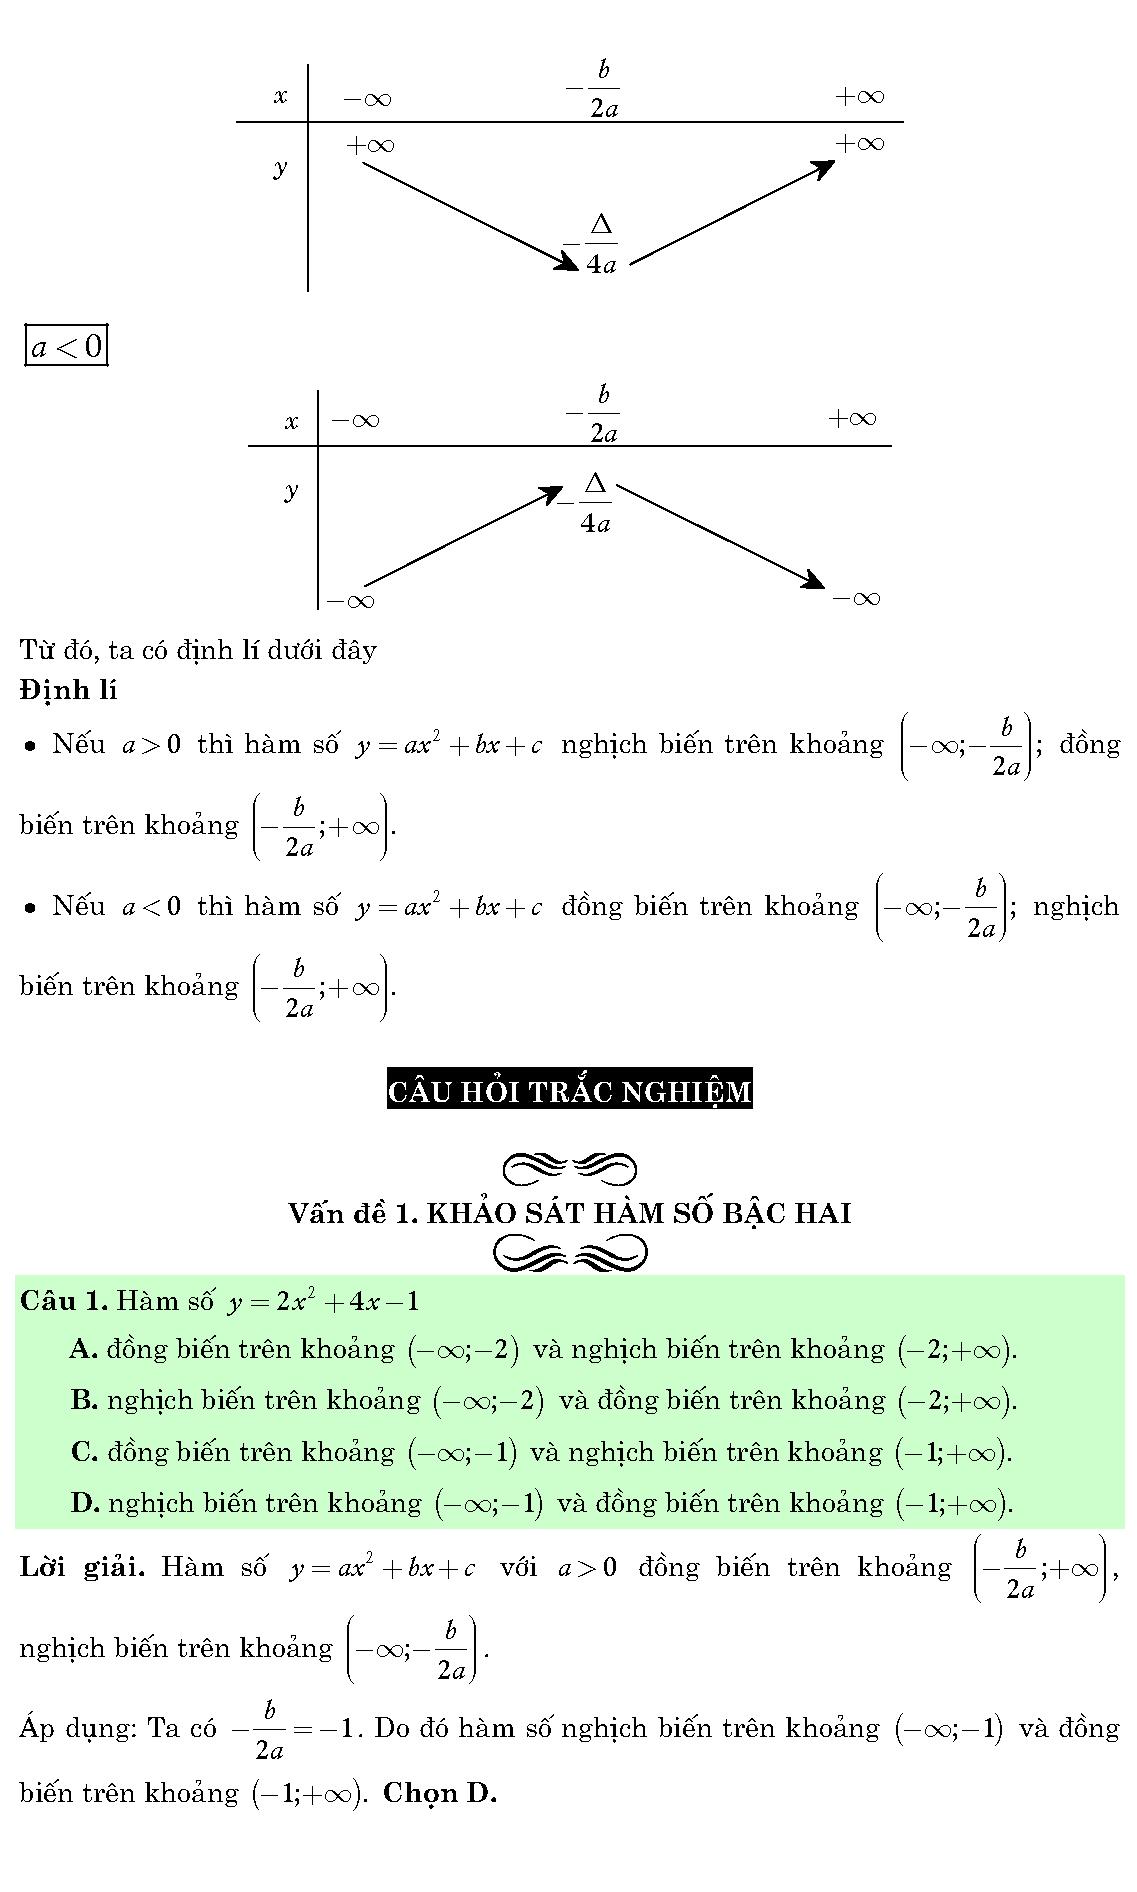 bài tập trắc nghiệm nhận dạng đồ thị hàm số